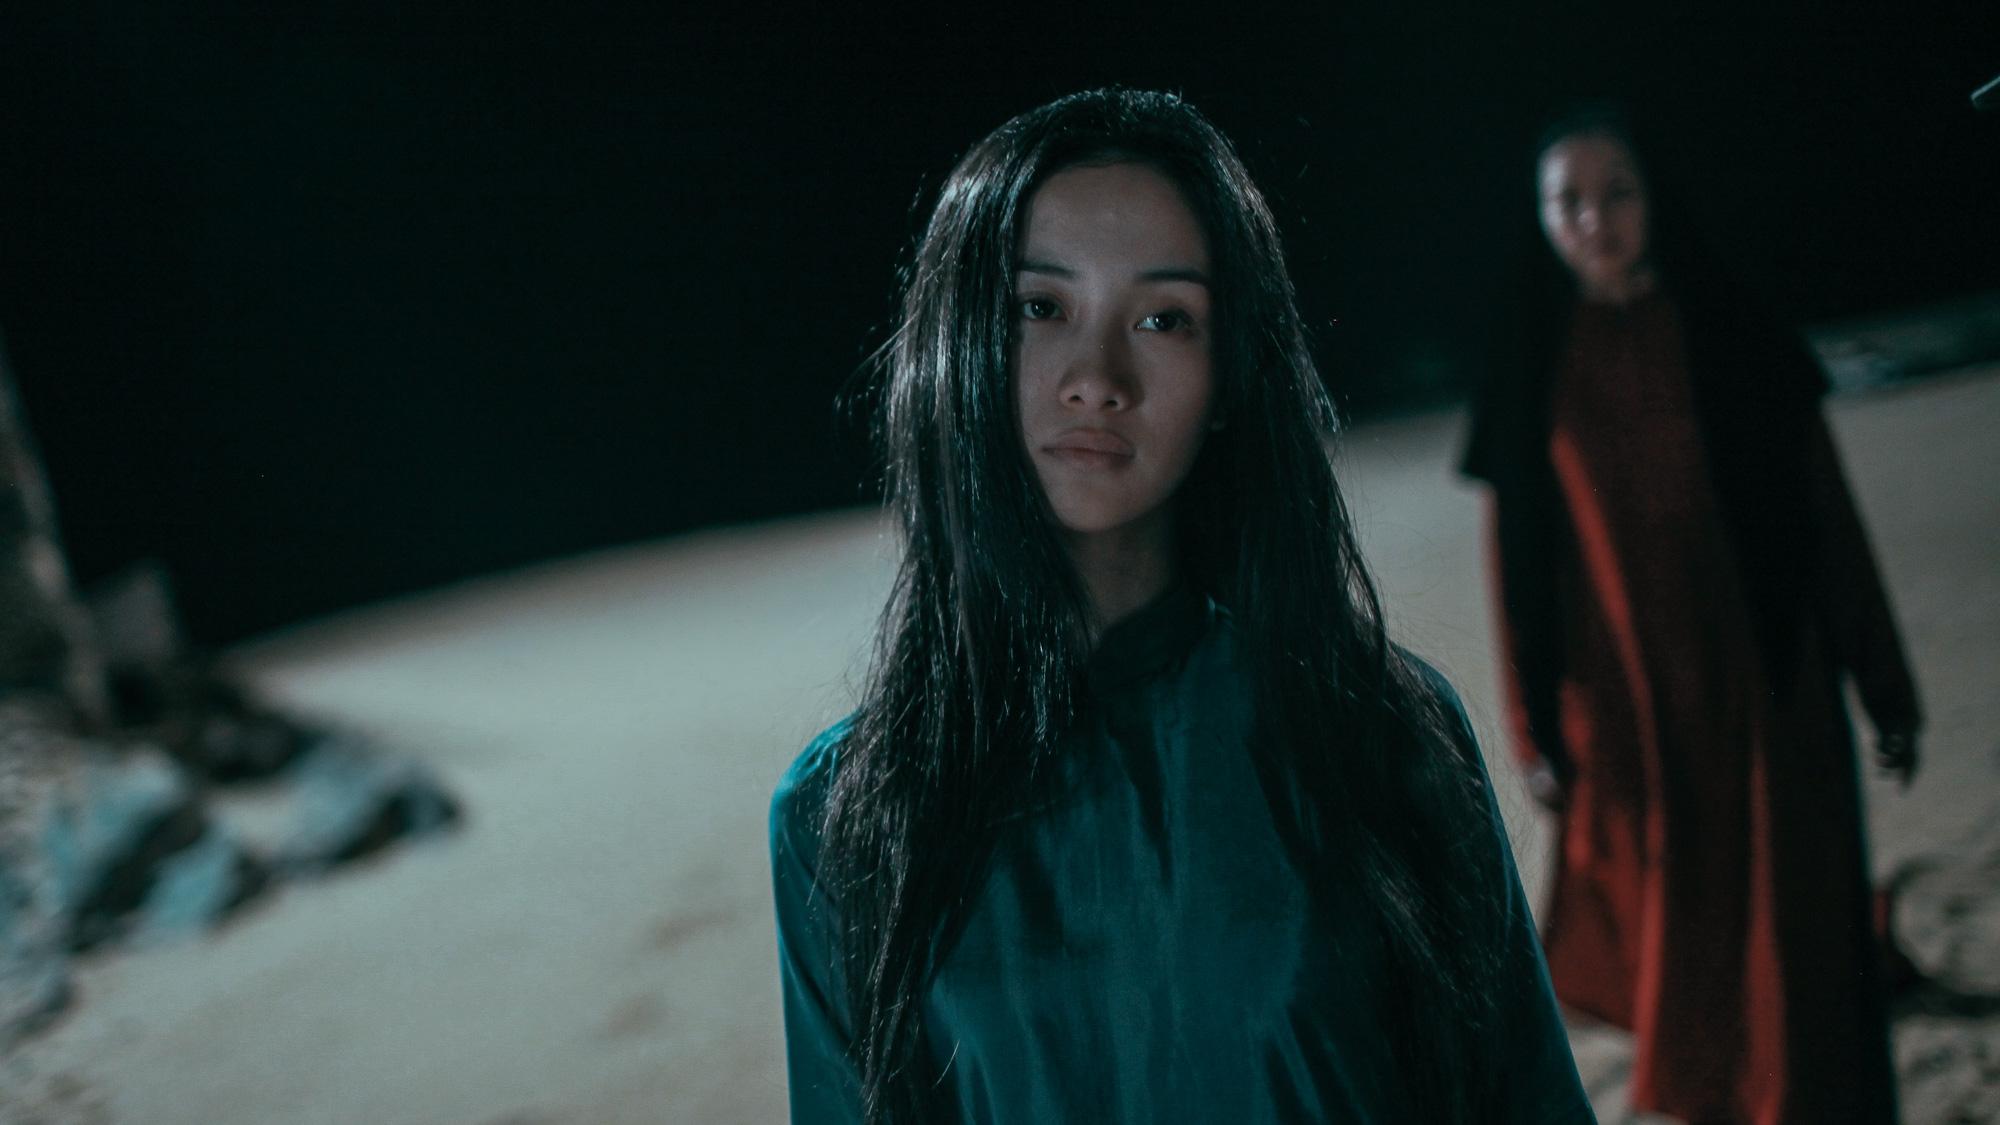 'Hết hồn' khi thấyJun Vũ bất động trước gương như một bóng ma 3